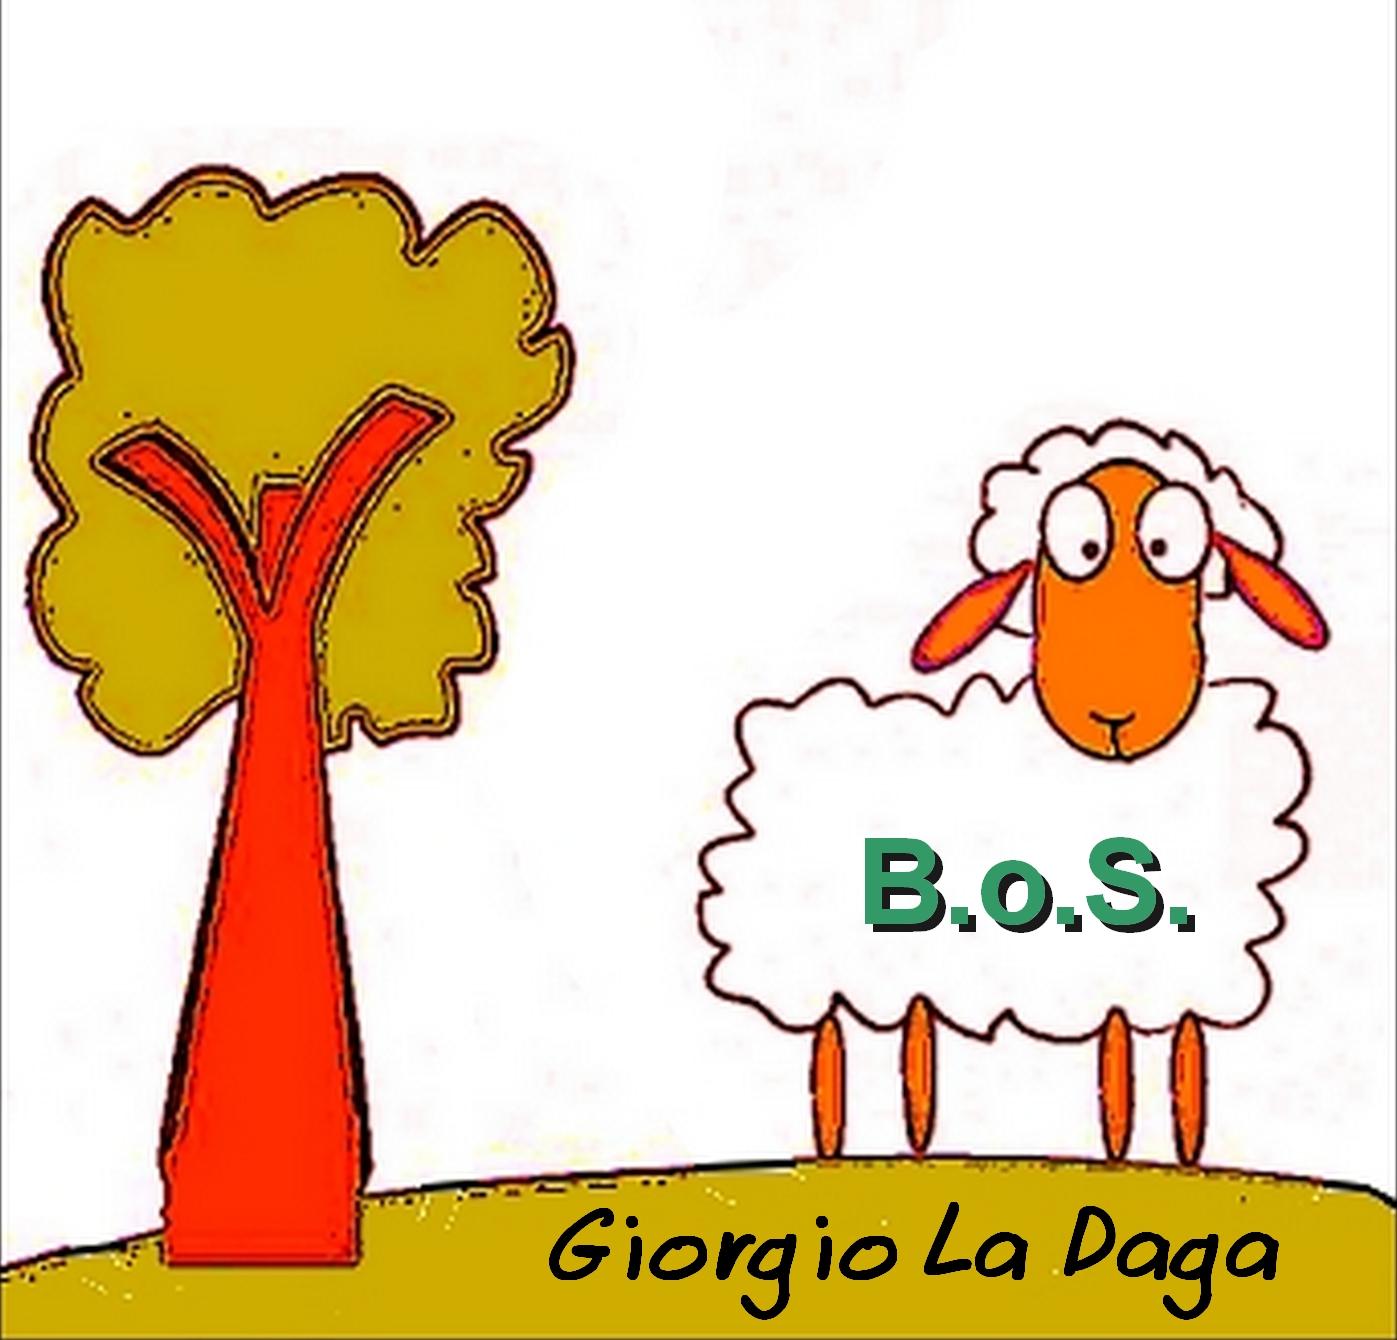 Giorgio La Daga